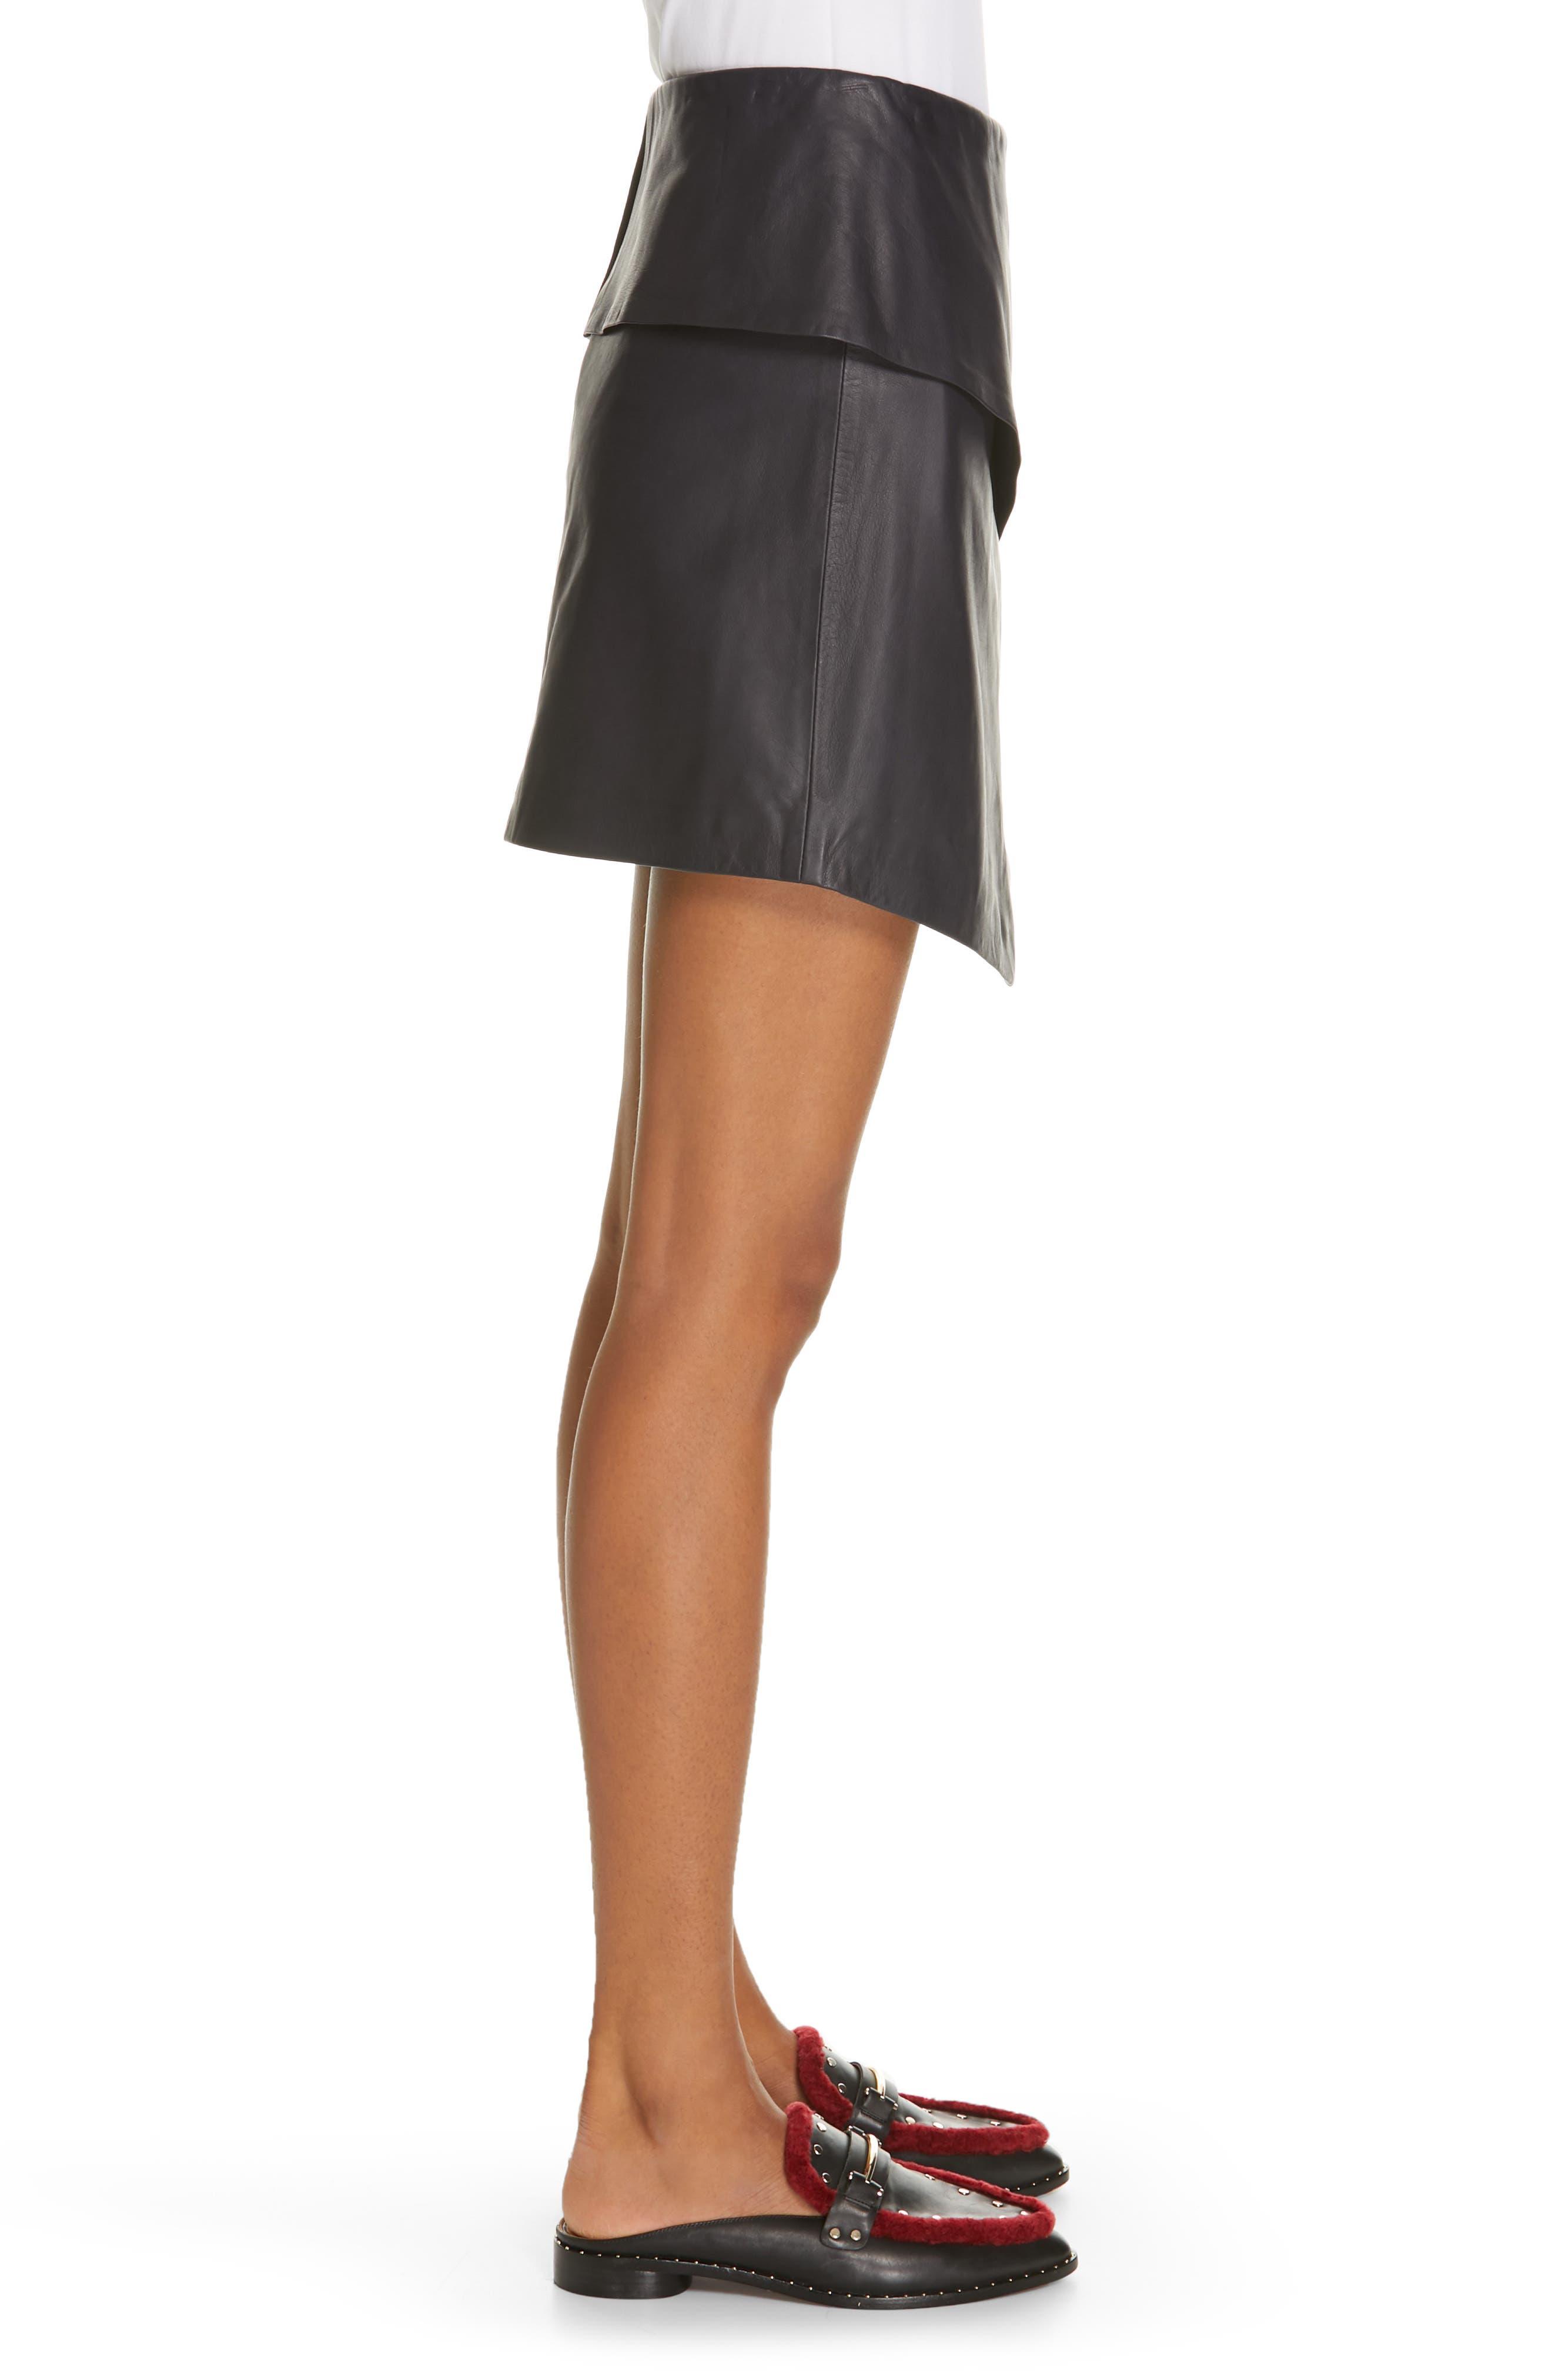 JOIE, Akirako Leather Miniskirt, Alternate thumbnail 3, color, MIDNIGHT